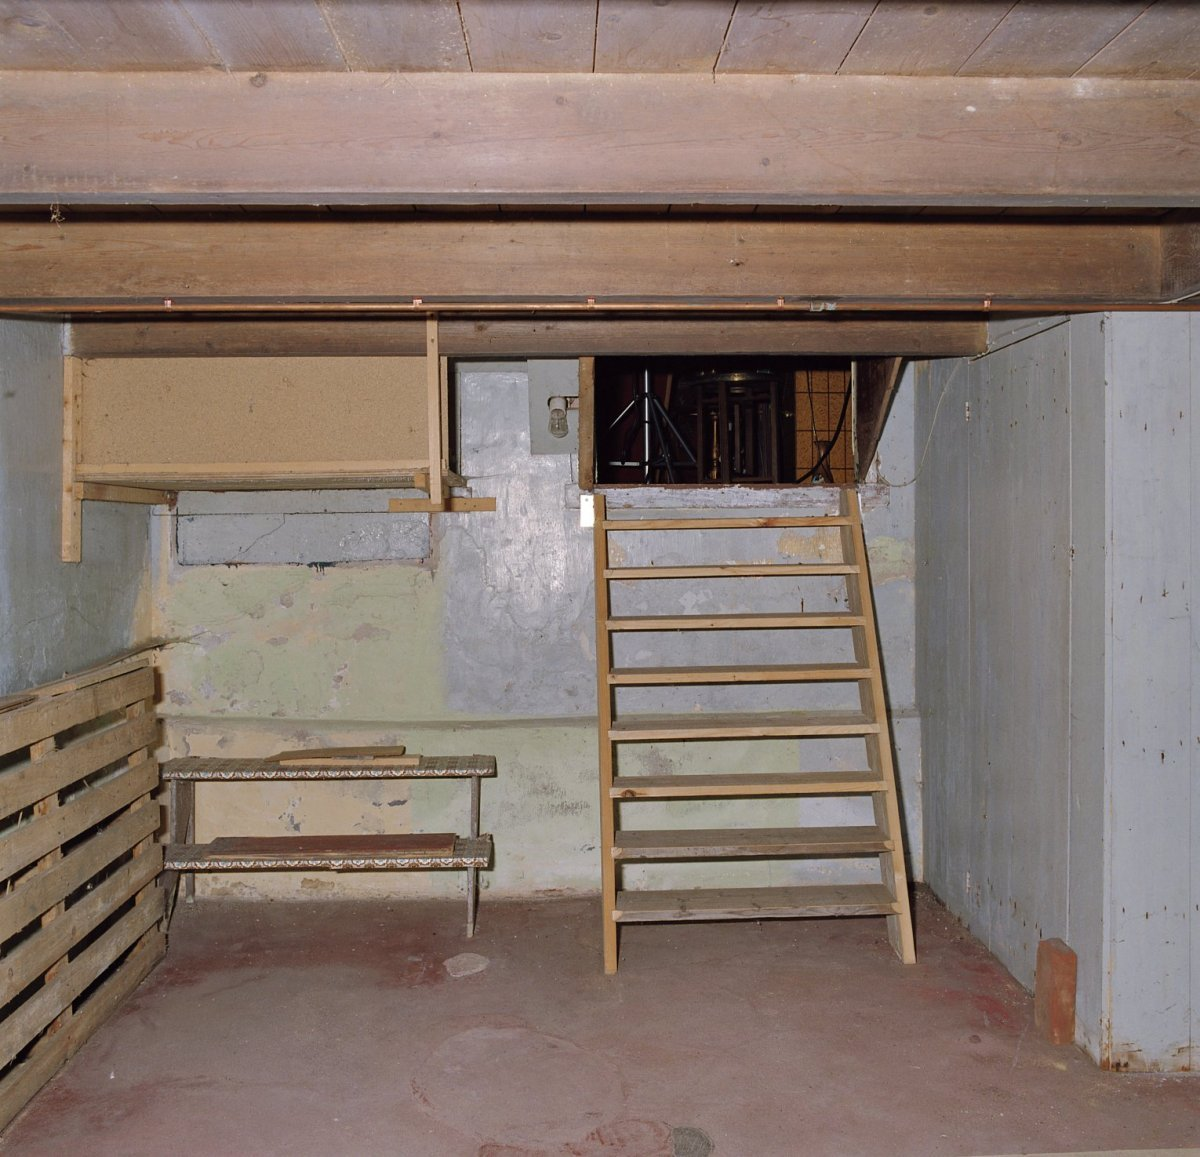 ouderwetse slaapkamer : kelder met trap naar de slaapkamer Valthermond ...